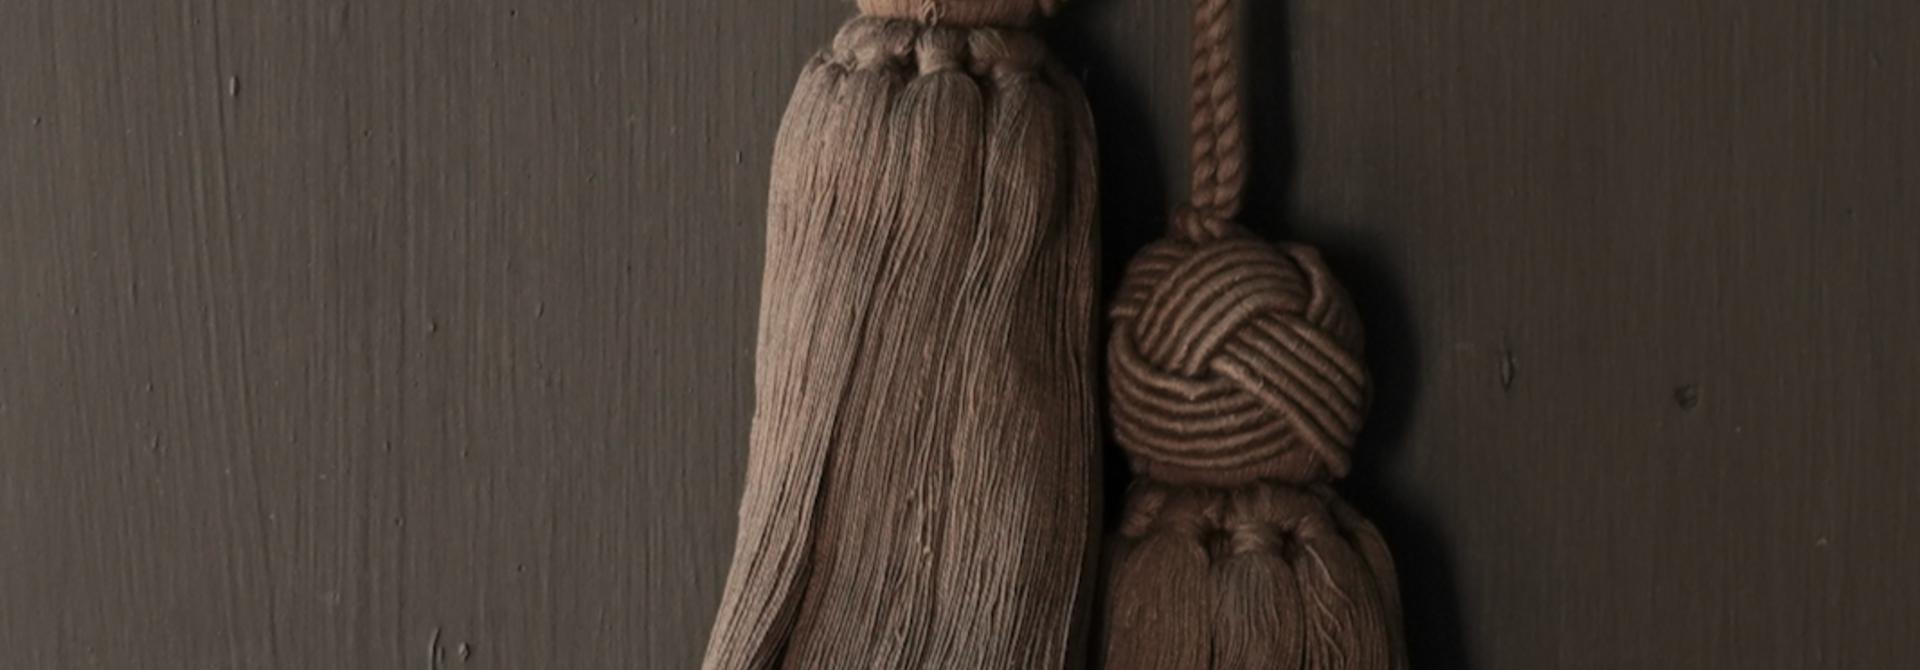 Baumwollquaste, Pinsel oder Büschel